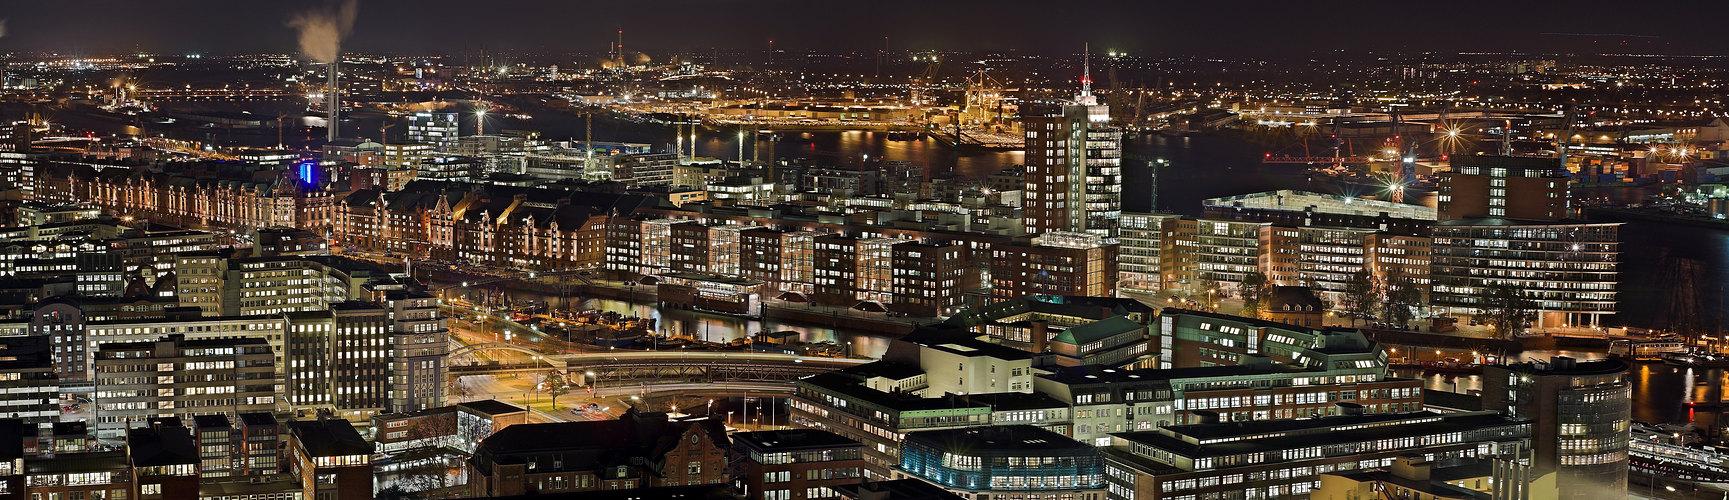 speicherstadt panorama foto bild deutschland europe hamburg bilder auf fotocommunity. Black Bedroom Furniture Sets. Home Design Ideas